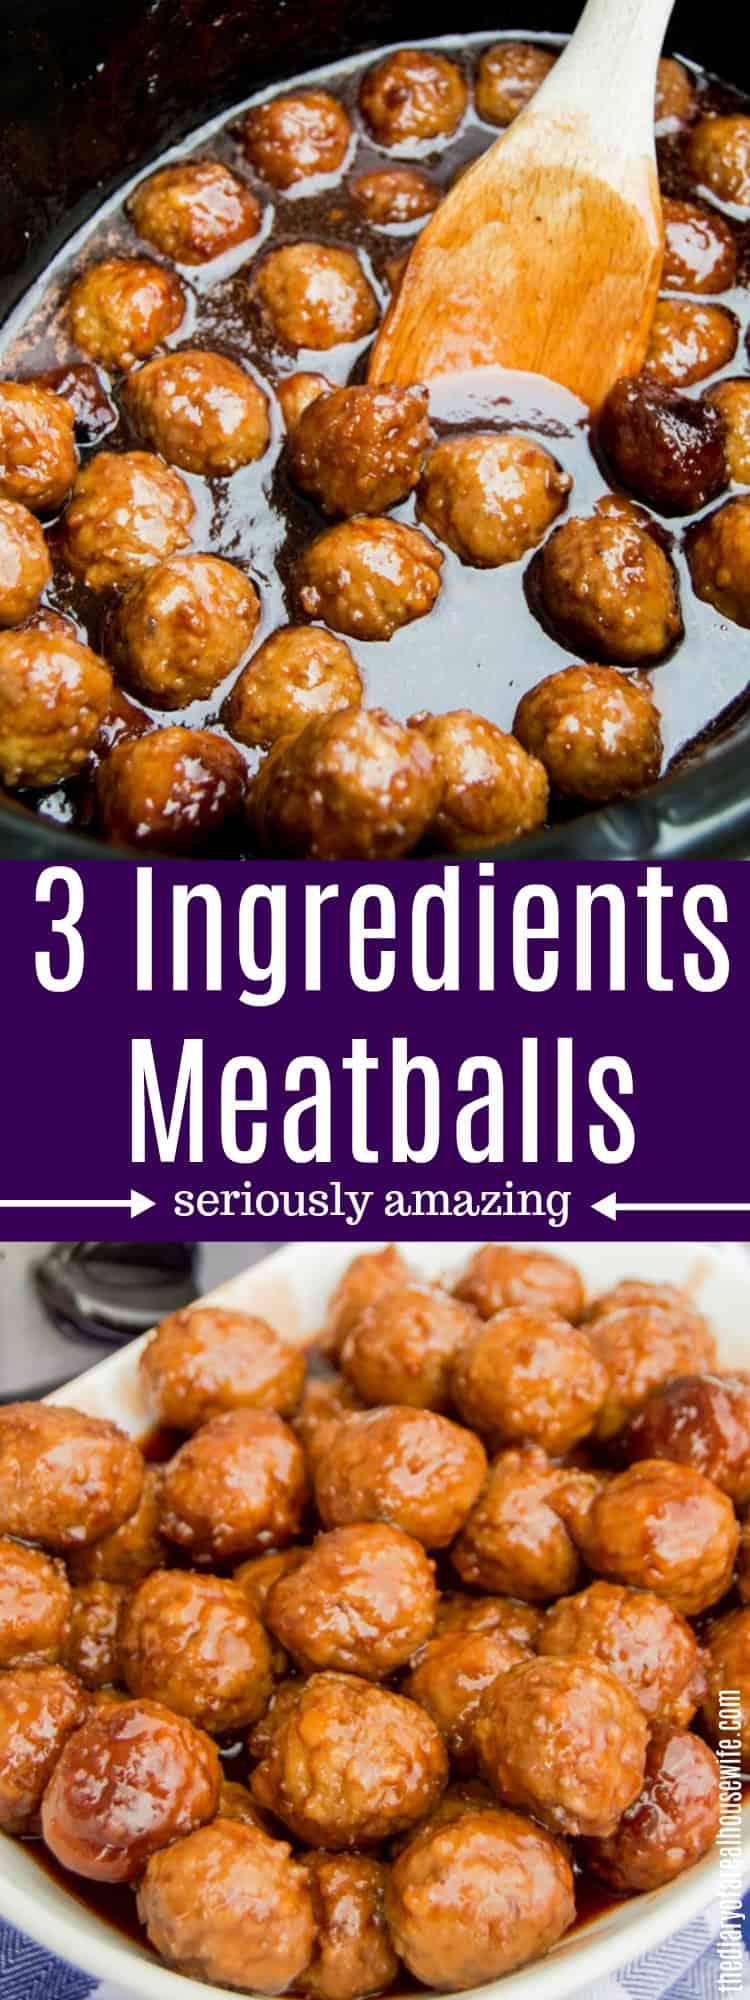 3 Ingredients Meatballs